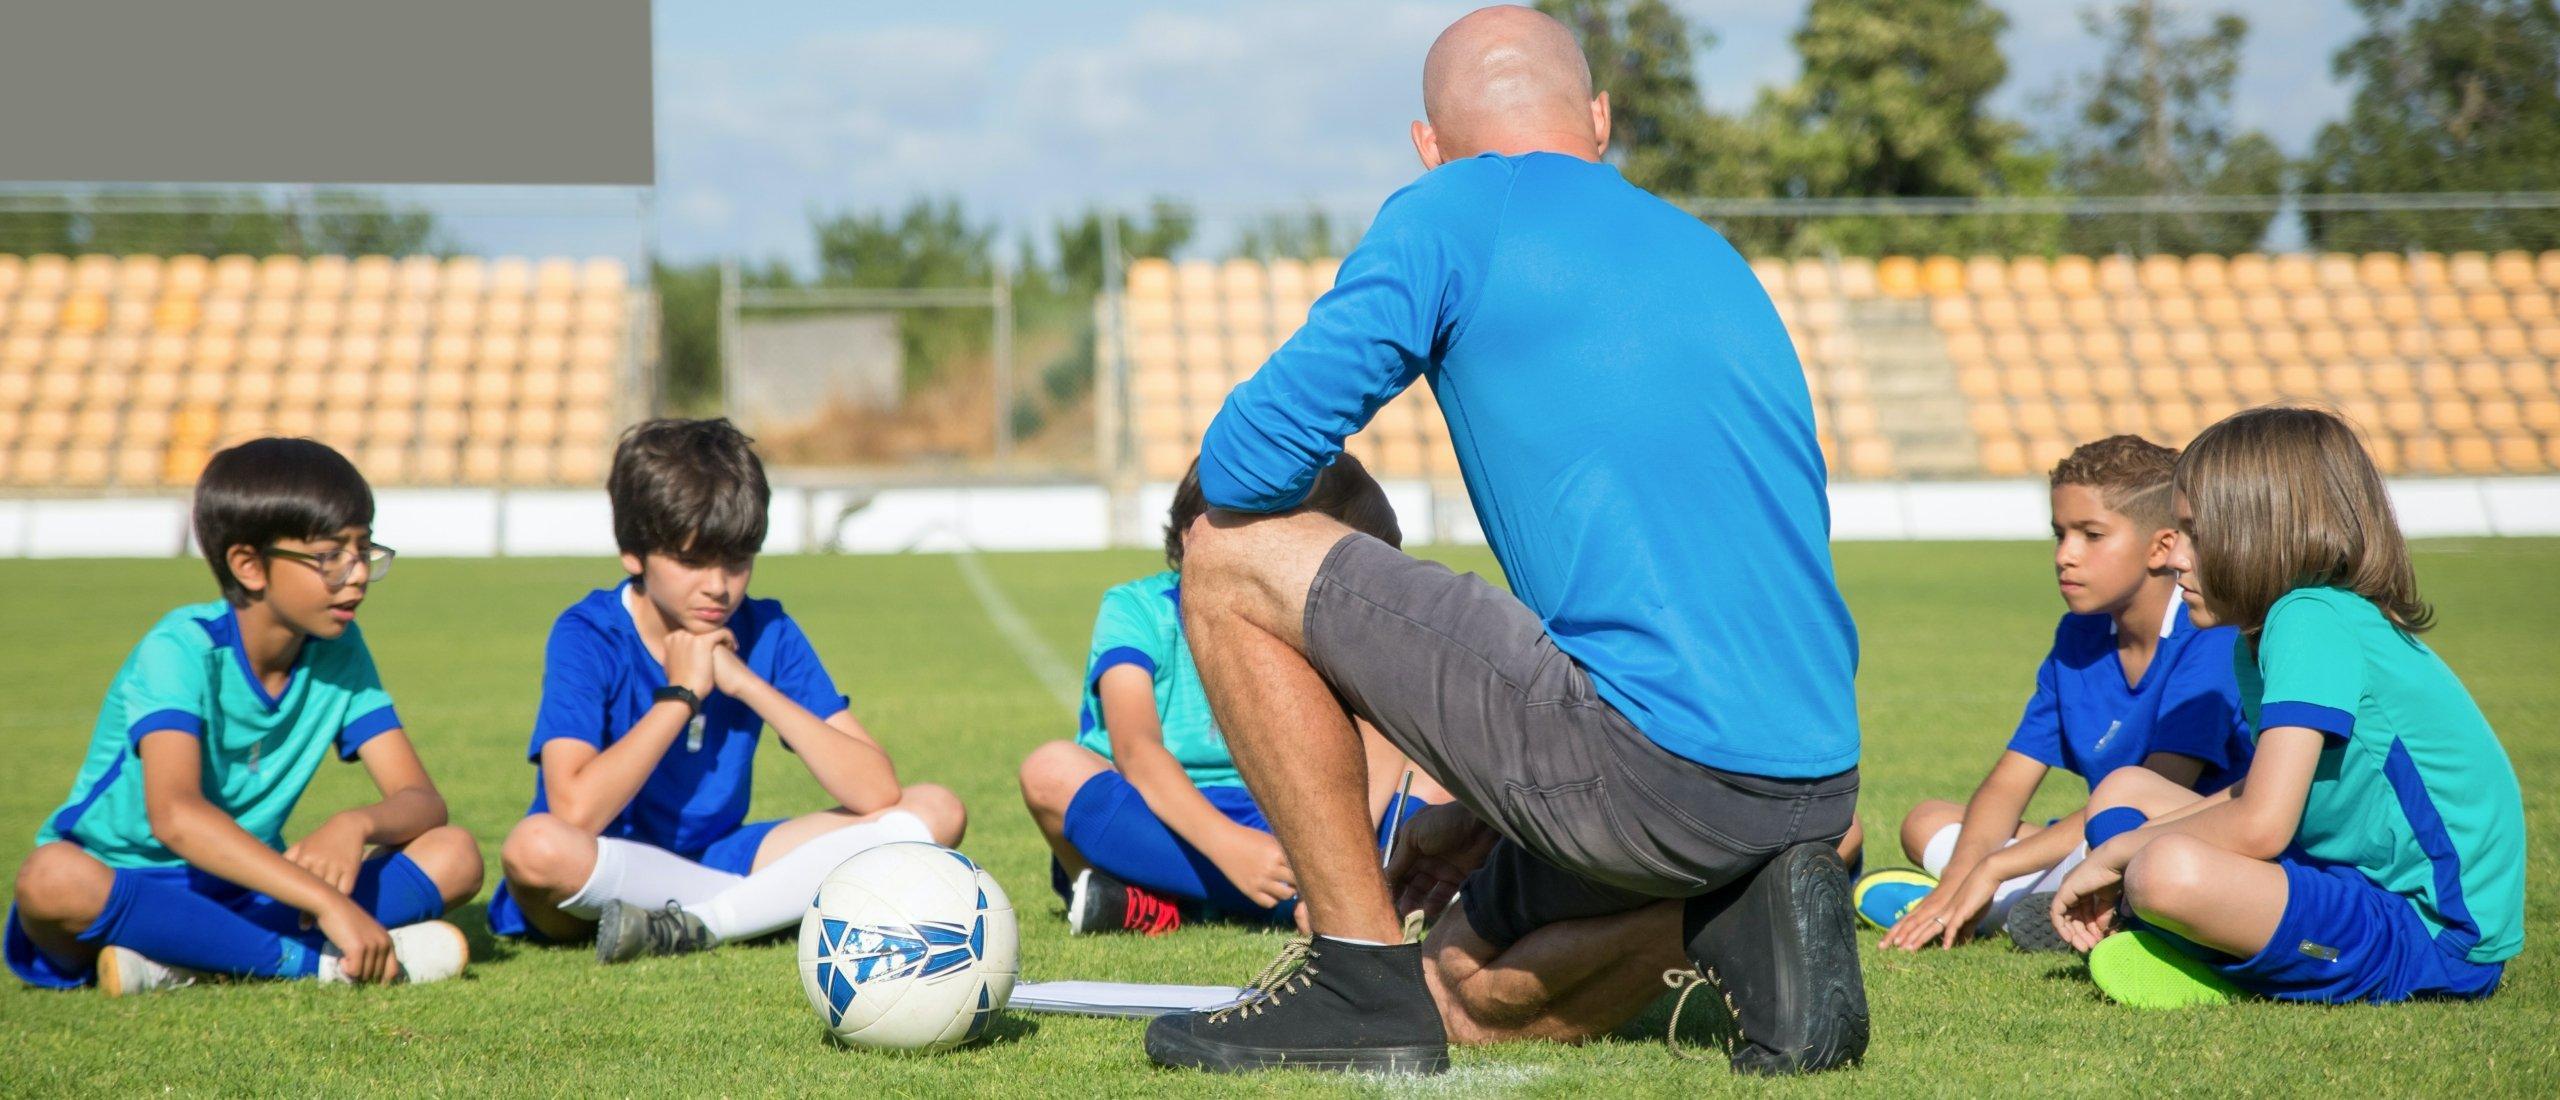 Wat heeft een voetbalcoach met koren te maken?